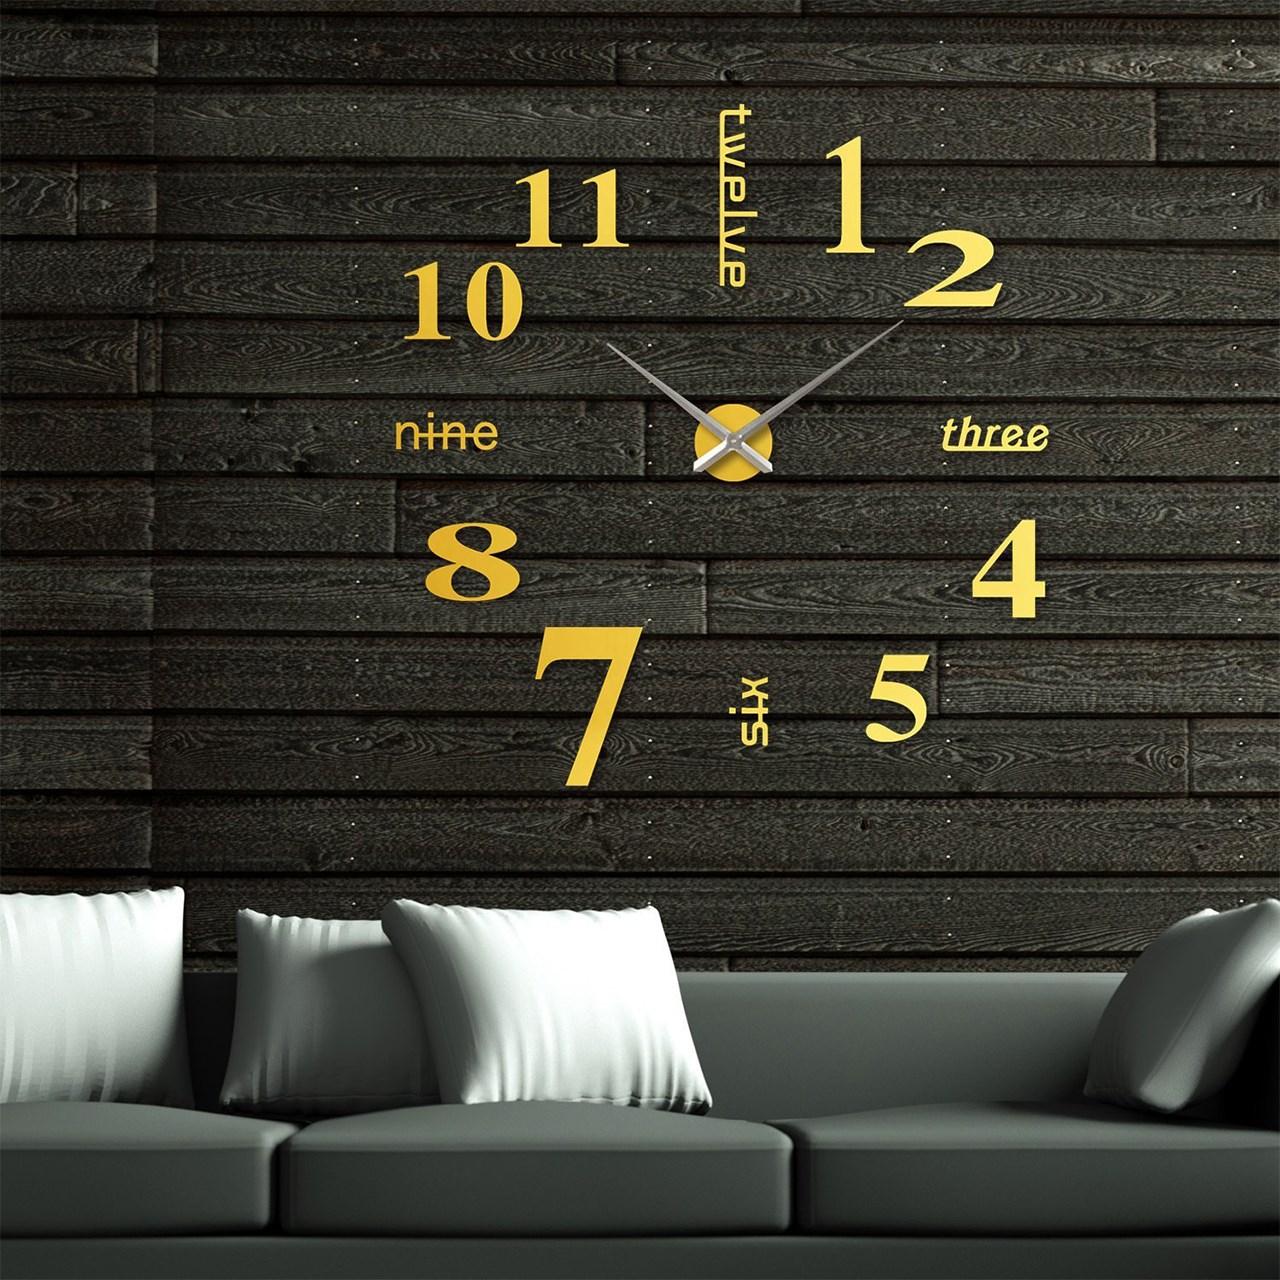 ساعت دیواری رویال ماروتی مدل ART-6007 سایز بزرگ